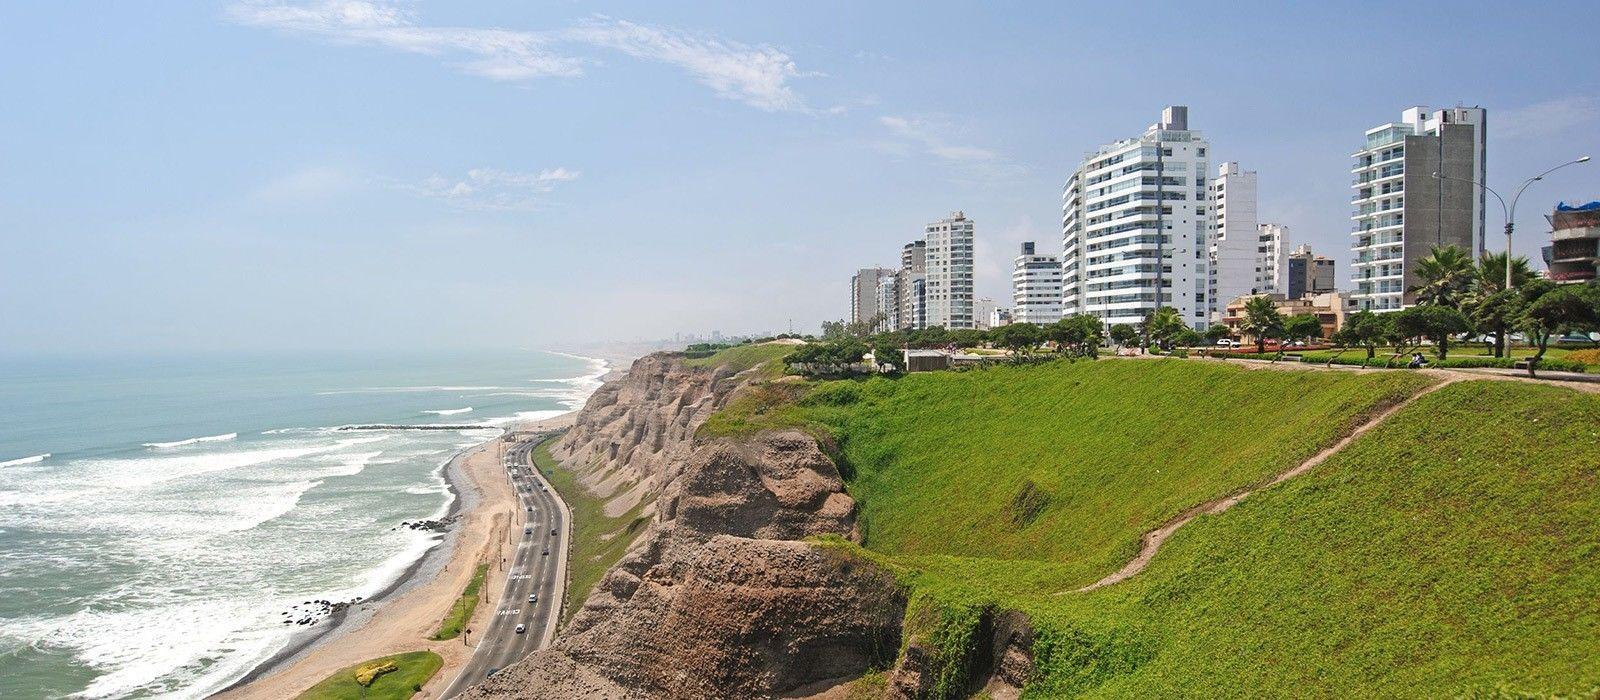 Destination Lima Peru